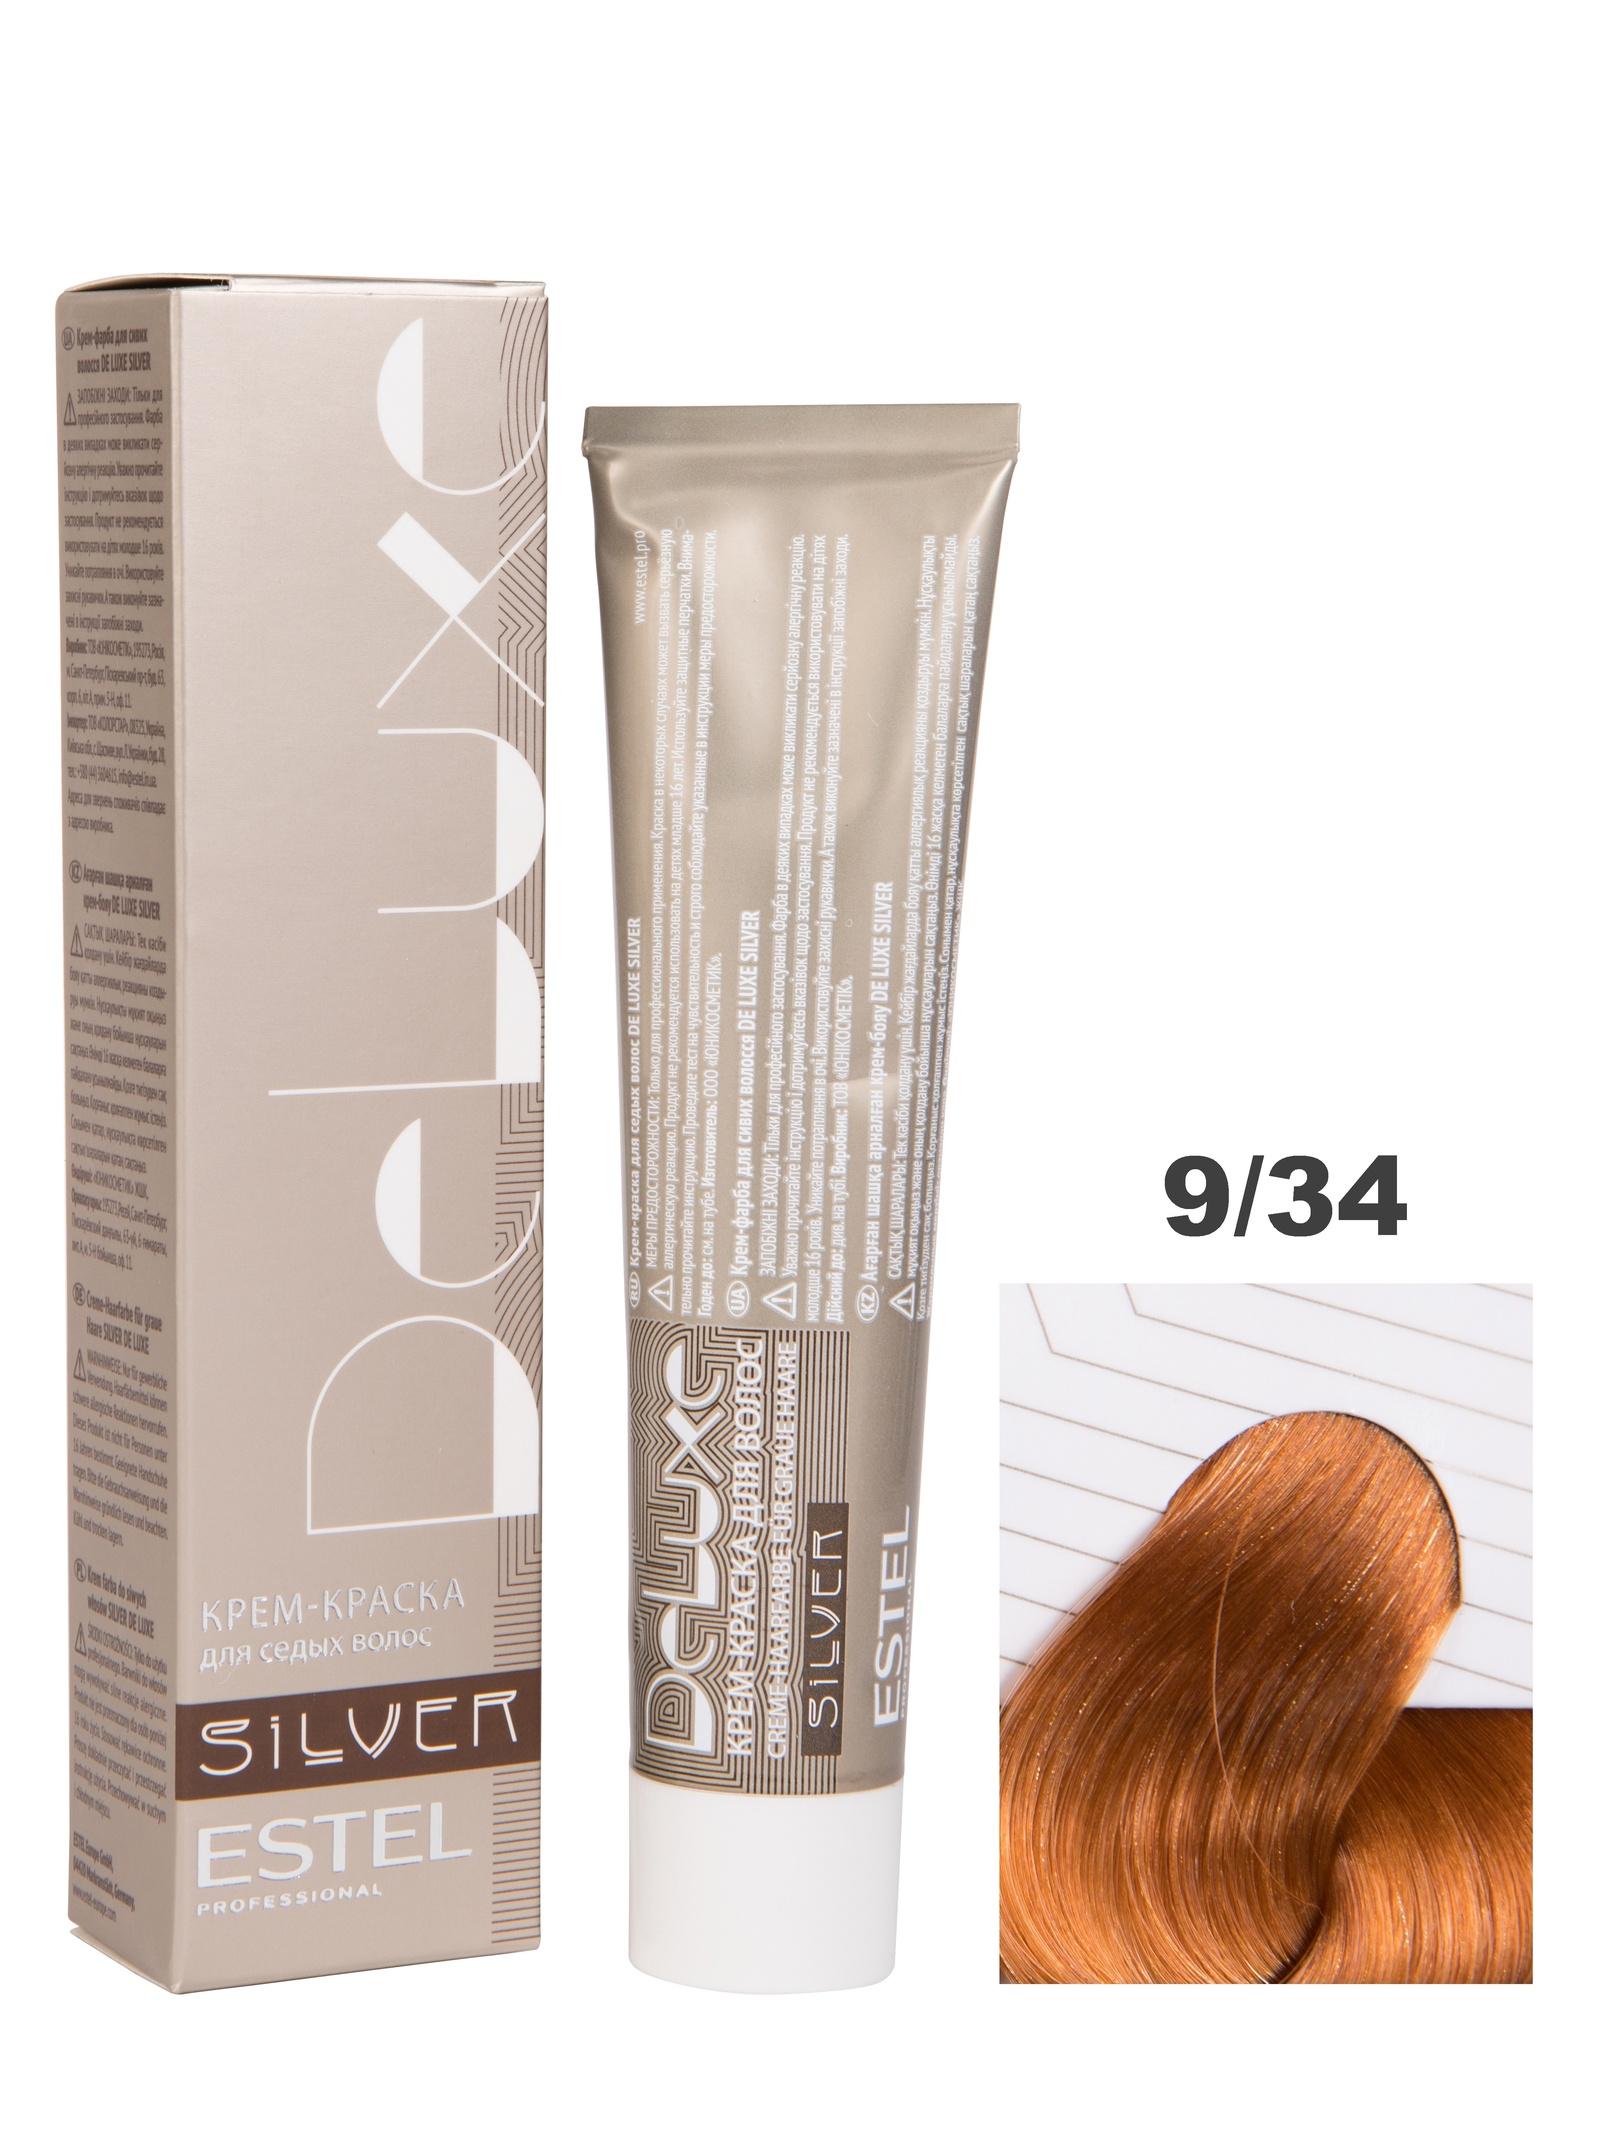 Краска-уход DE LUXE SILVER для окрашивания волос ESTEL PROFESSIONAL 9/34 блондин золотисто-медный 60 мл estel краска уход 9 61 de luxe блондин фиолетово пепельный 60 мл